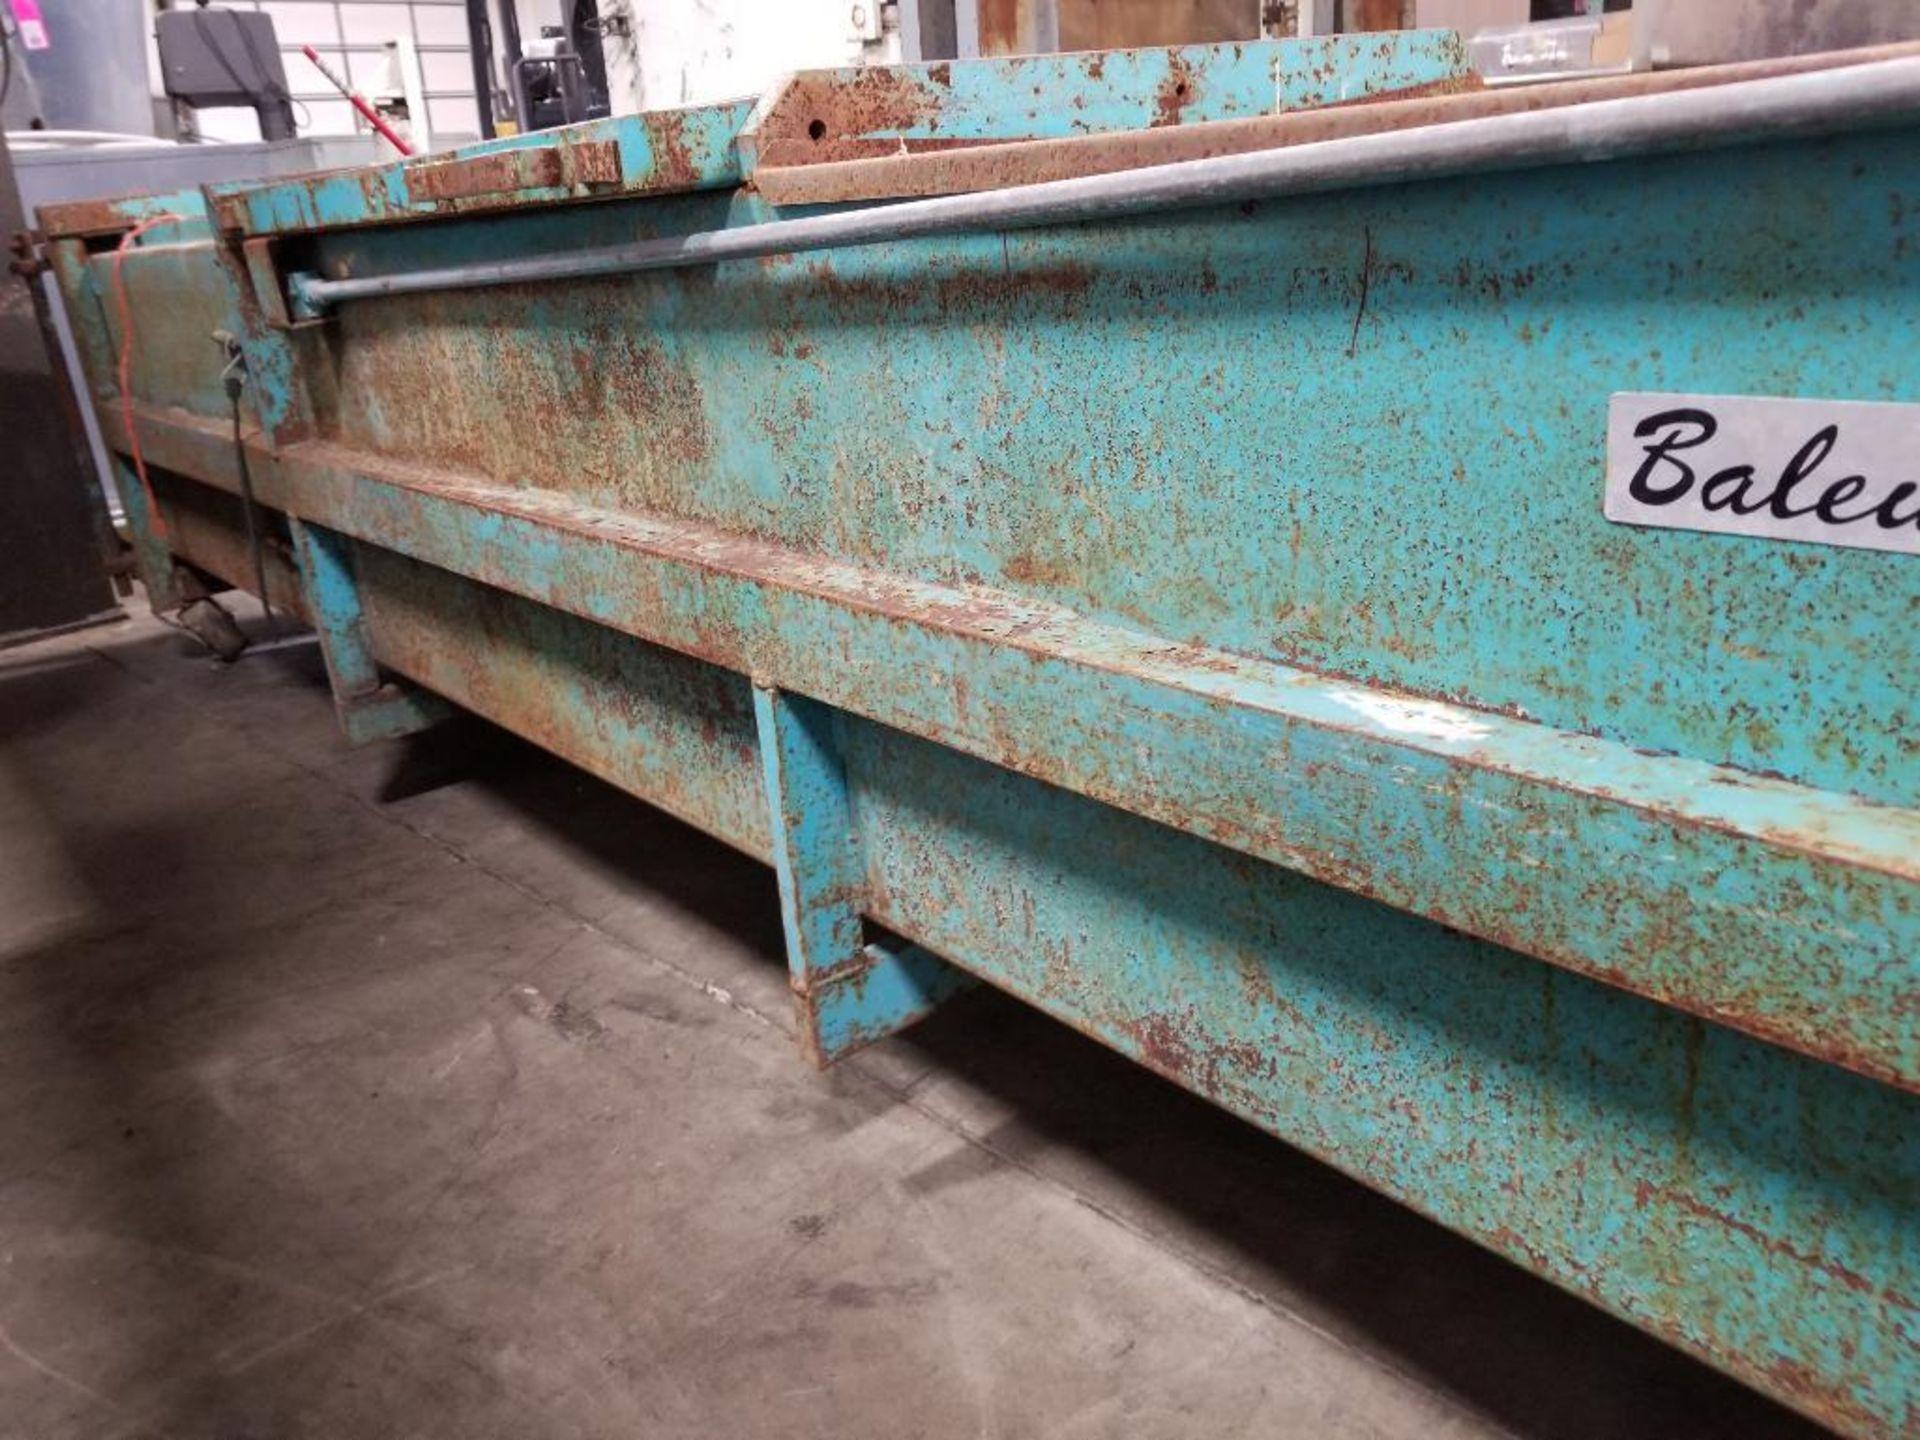 Balemaster baling machine. Model 142-0. - Image 15 of 16